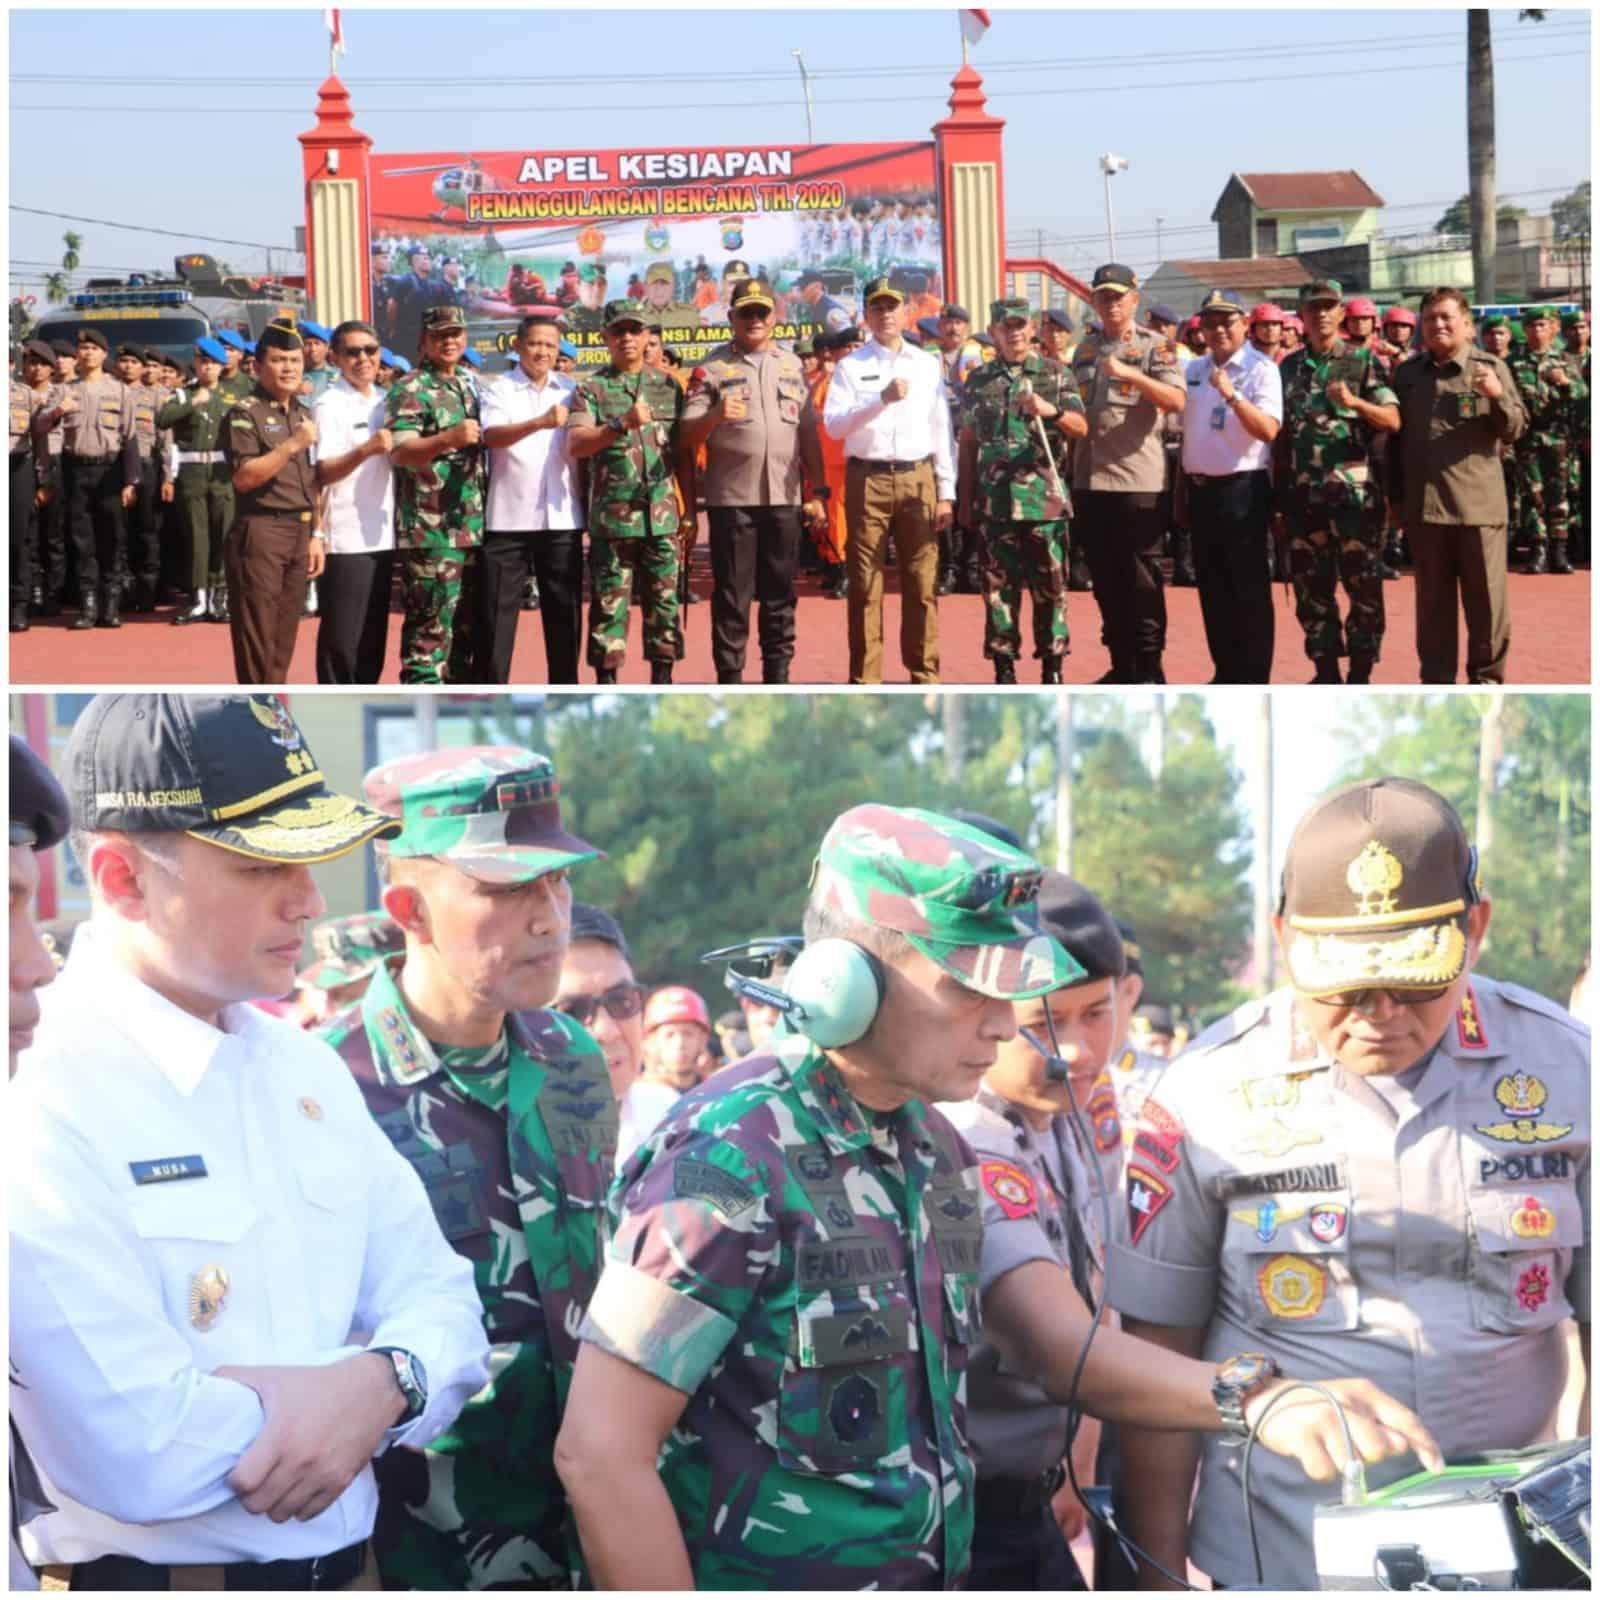 Danlanud Soewondo, Kolonel Pnb Meka Yudanto, Hadiri Apel Kesiapan Penanggulangan Bencana Tahun 2020 di Mapolda Sumut